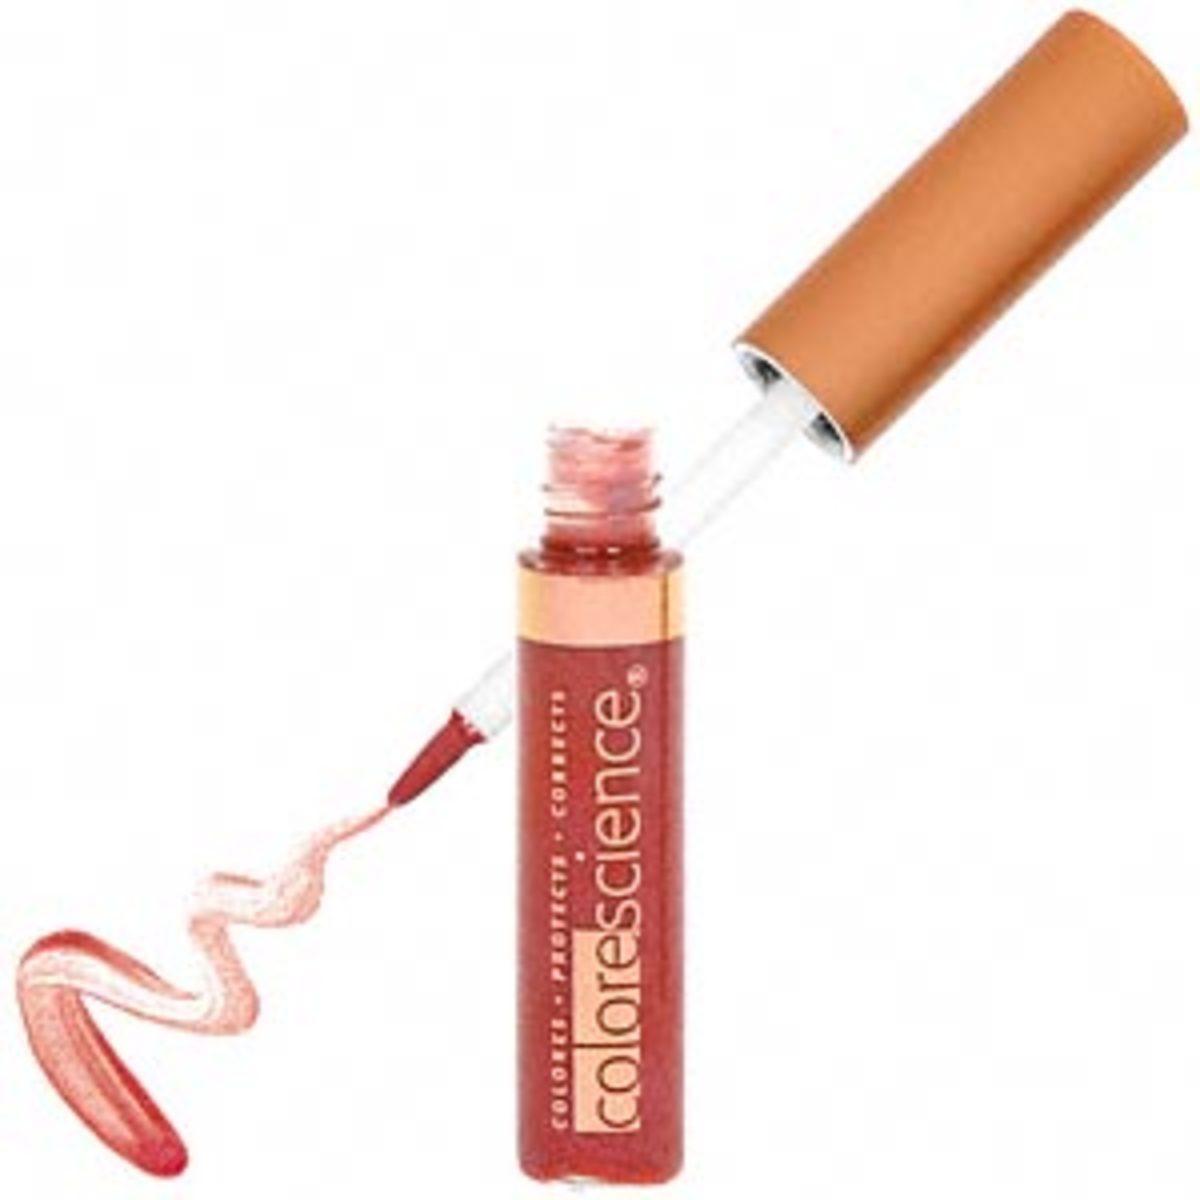 colorescience_lip-polish